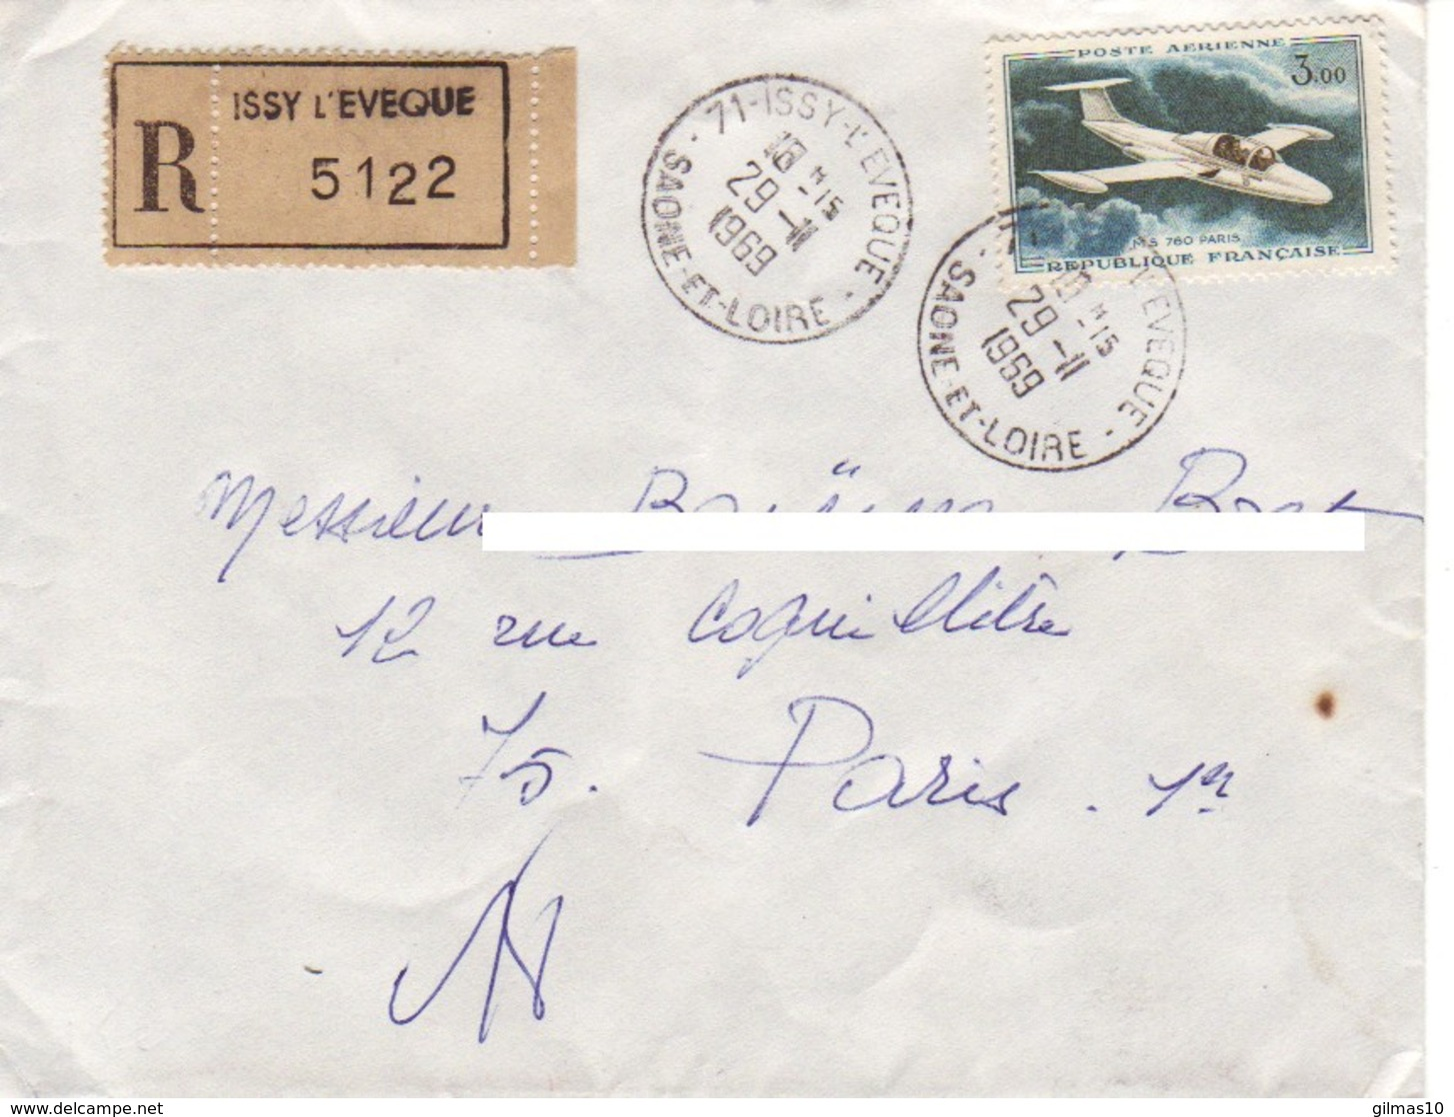 FRANCE : 1969 - Lettre Recommandée De Issy-L'Eveque Pour Paris - France